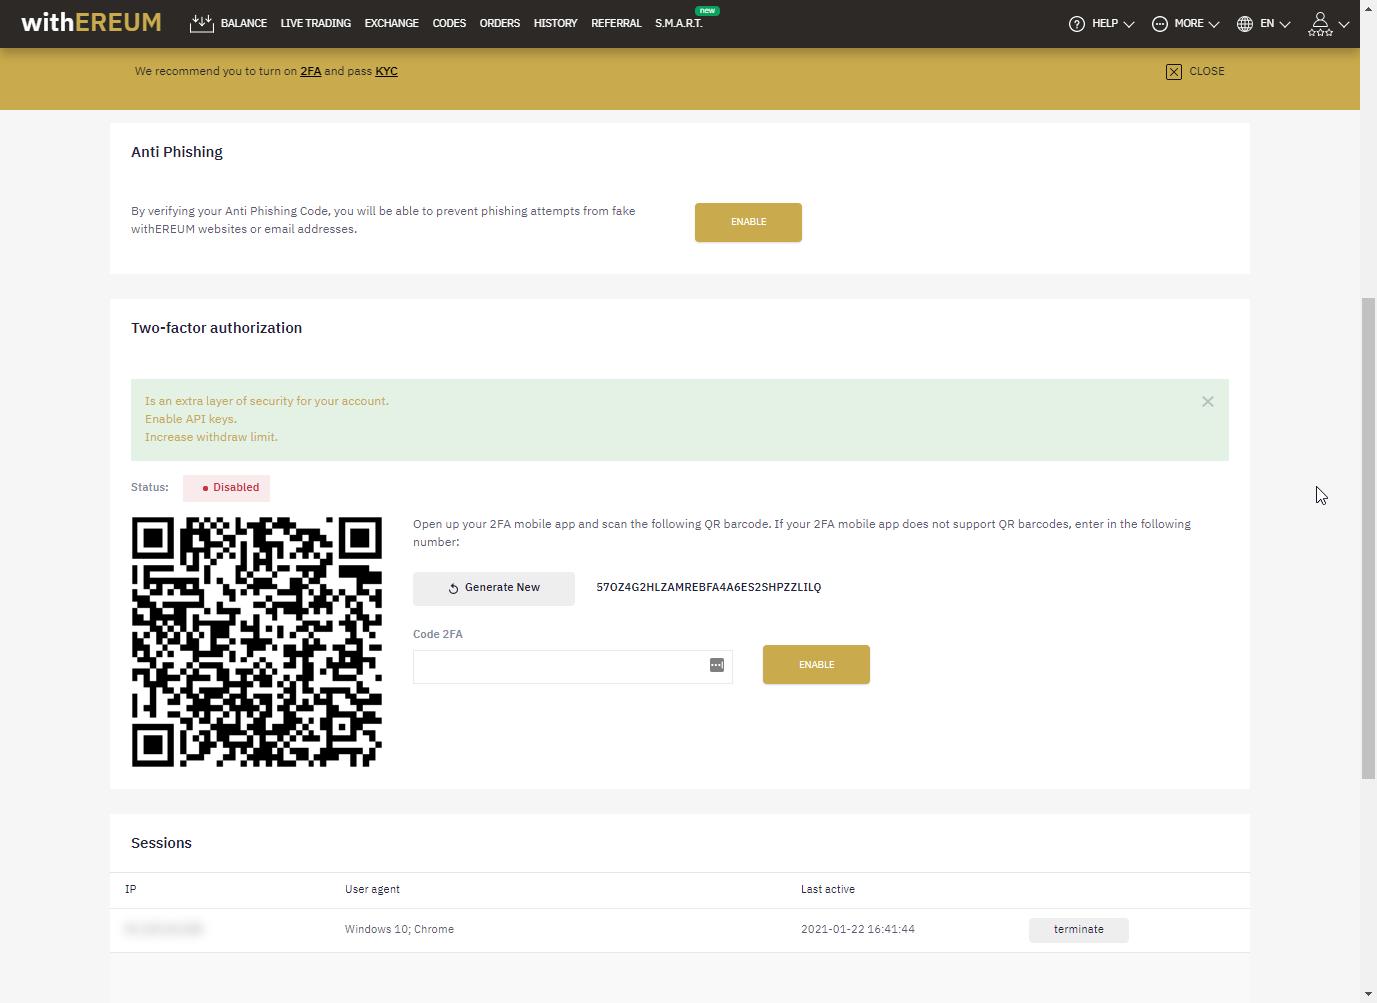 El sitio web insta a la víctima a activar el la autenticación de dos factores y la protección antiphishing.